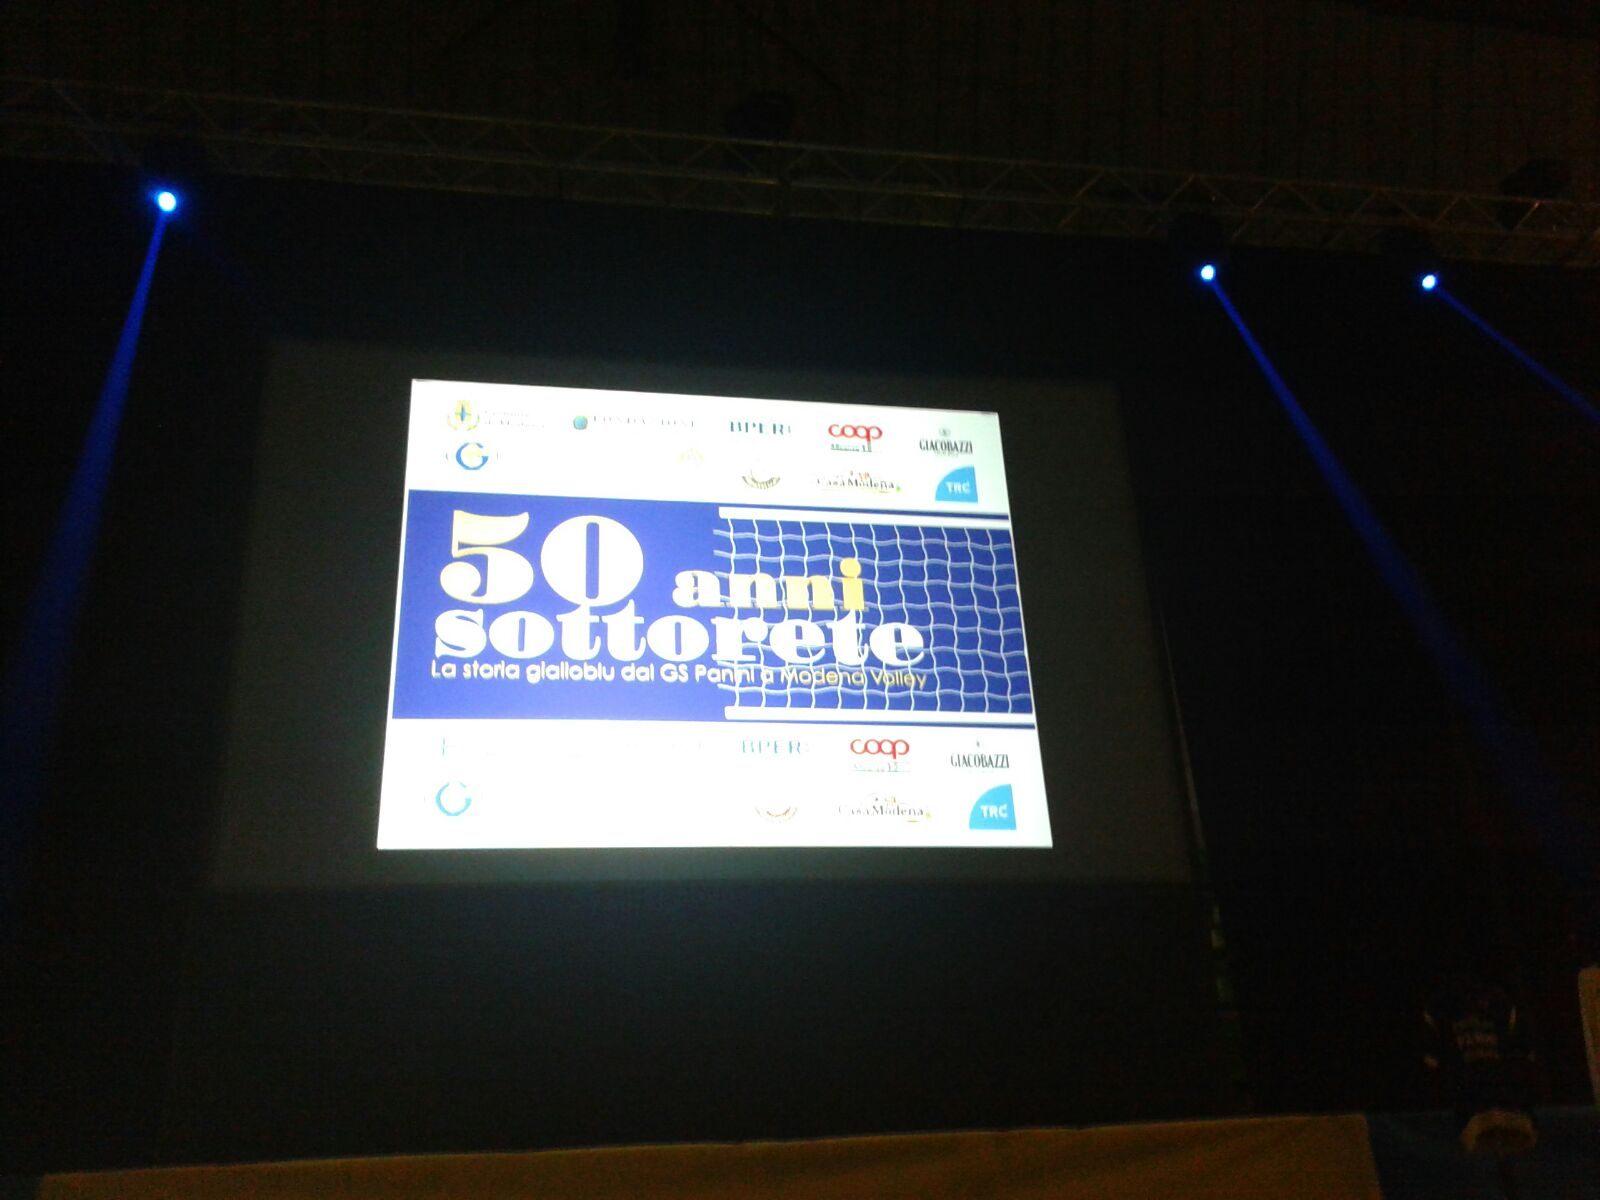 Buon compleanno Modena: 50 anni di forza e calore gialloblù!